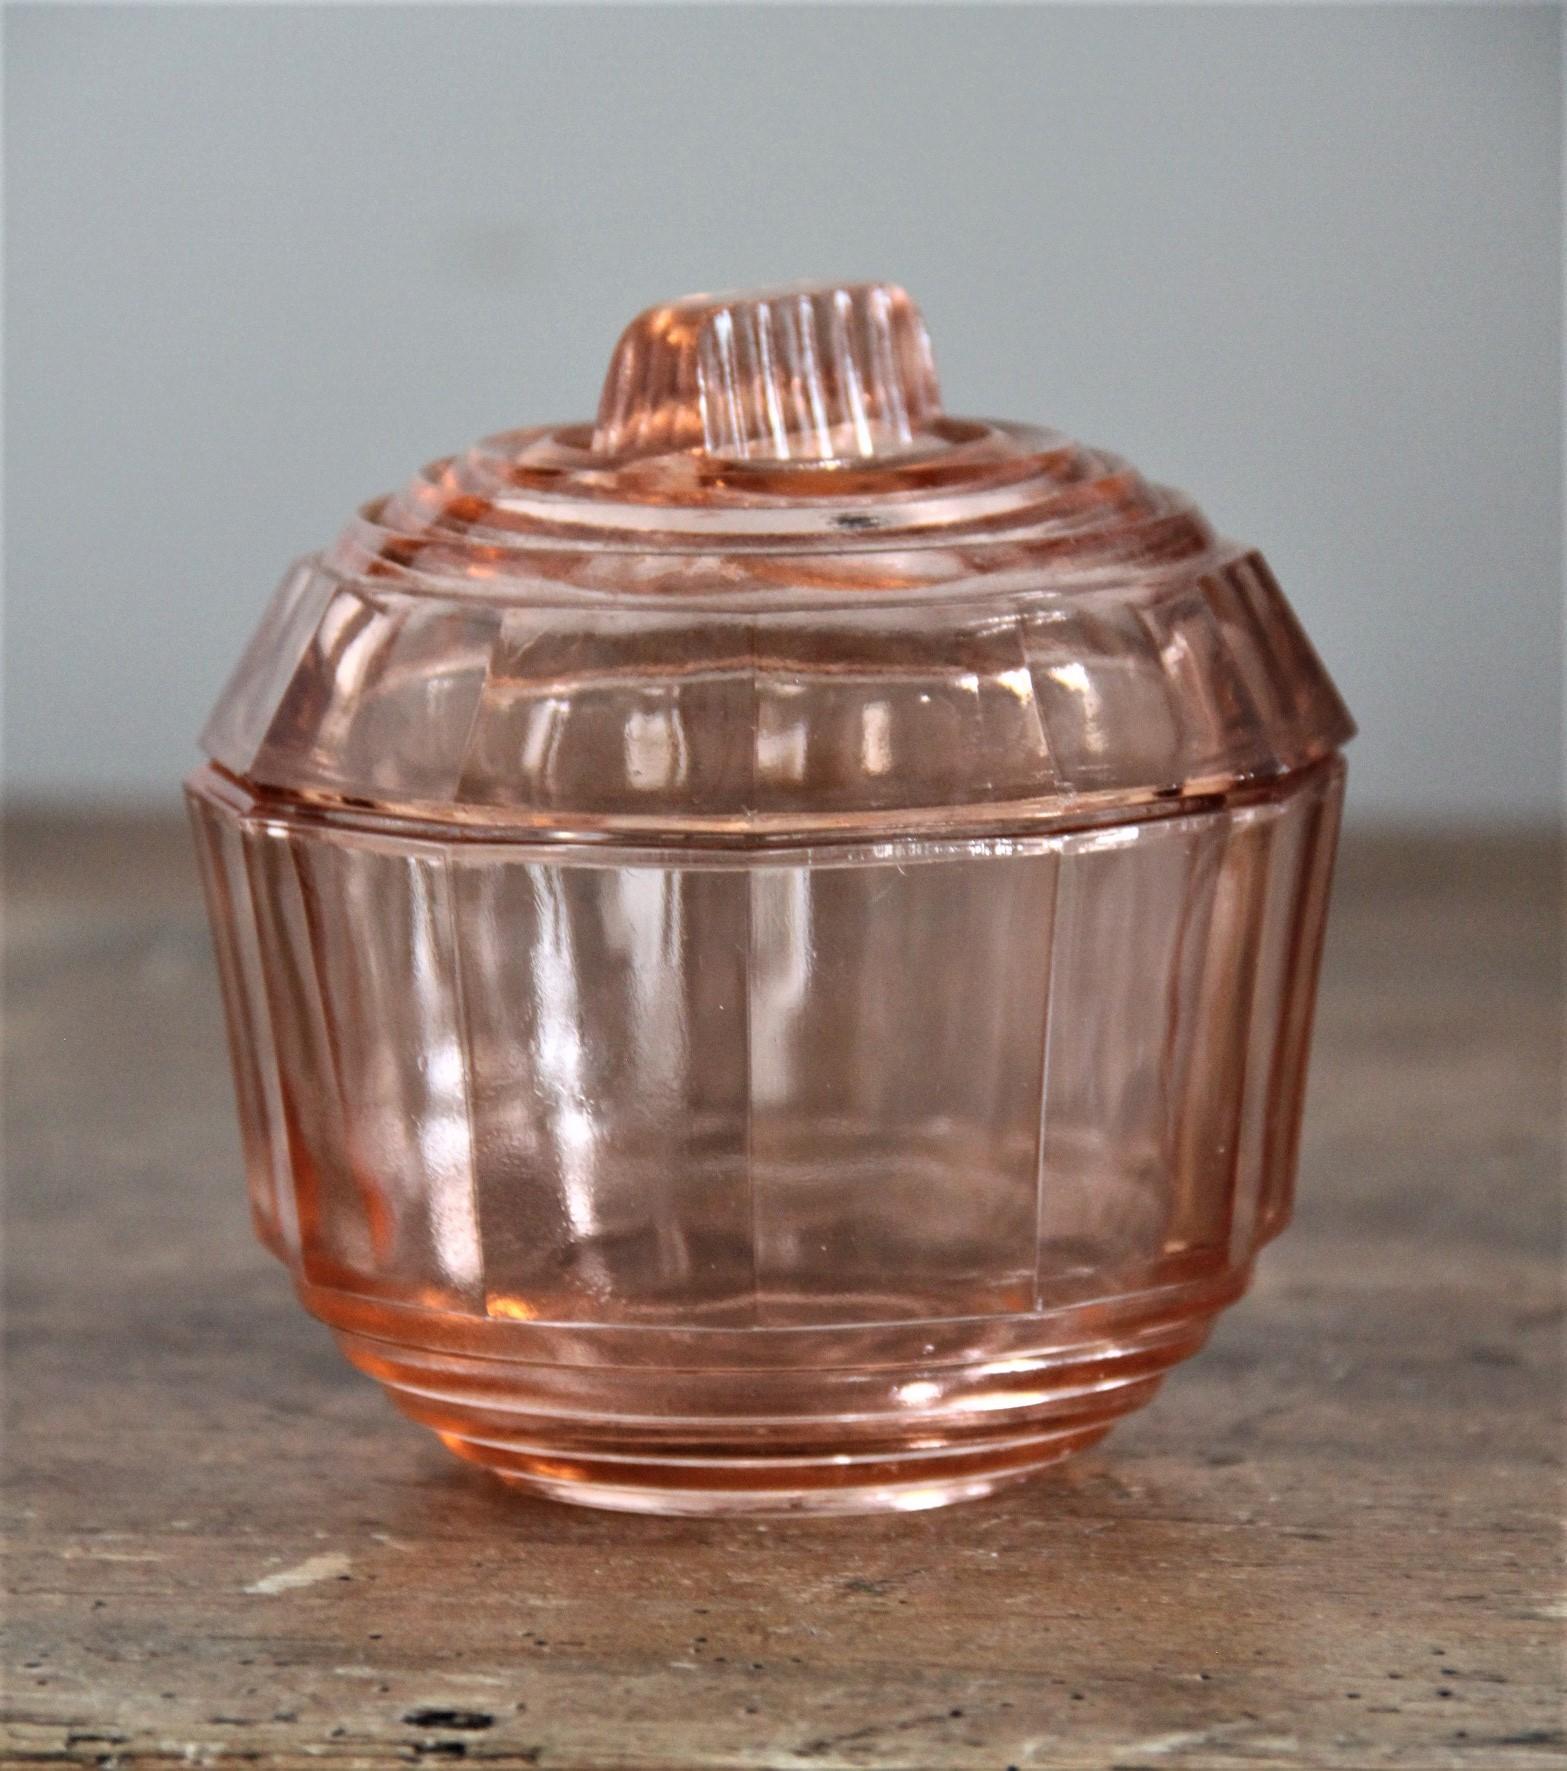 Bonbonnière N°54 - rose - H8cm x D10cm